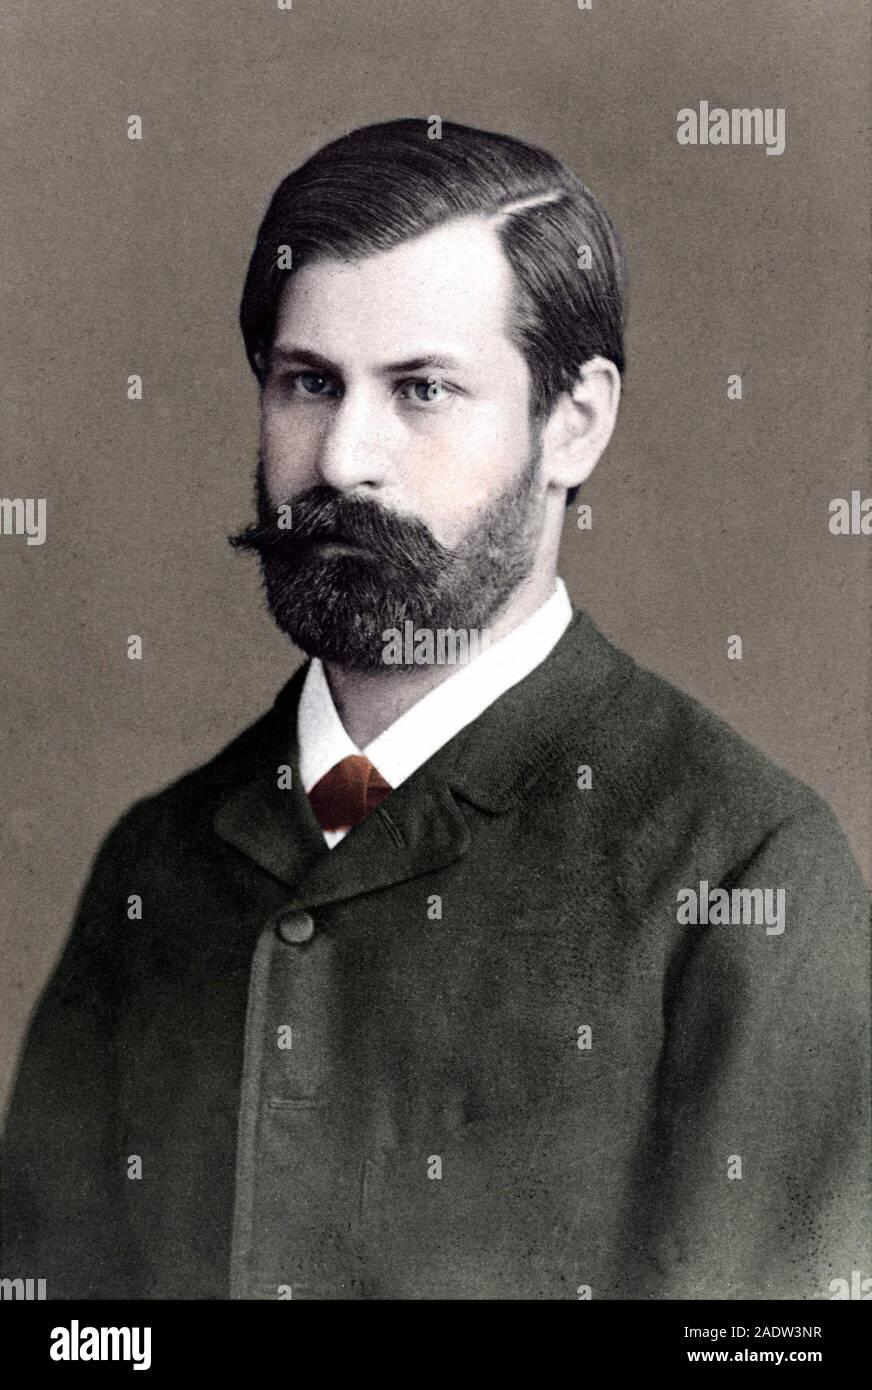 FREUD Sigmund (Freiberg, 1856-Londres, 1939). Neurólogo y psiquiatra austríaco, de origen judío. FREUD en el año 1885. Foto Stock